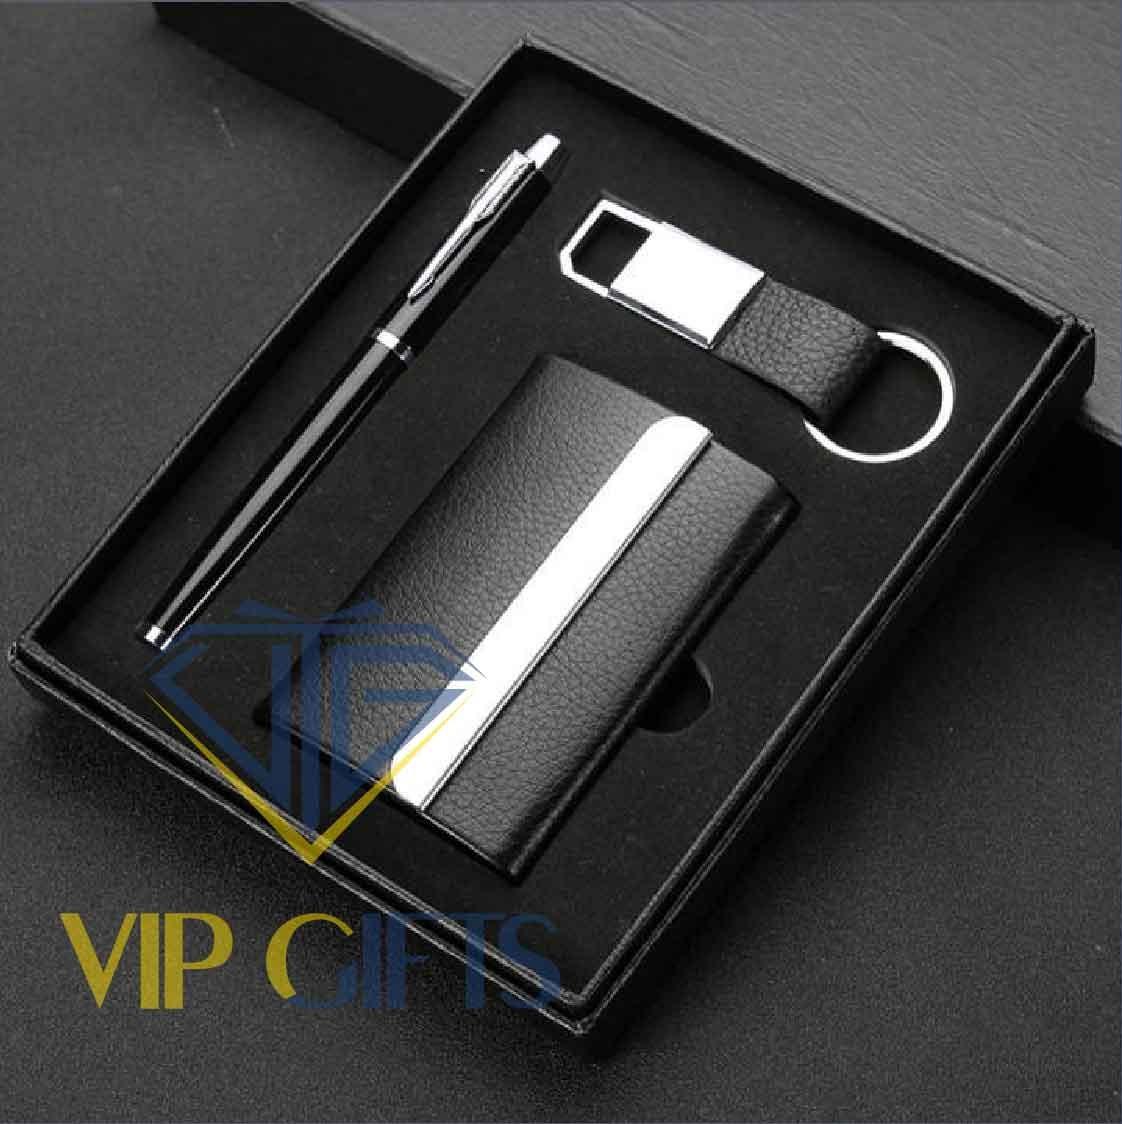 Bộ giftset Quà tặng VIP Namecard bút và móc khóa 02